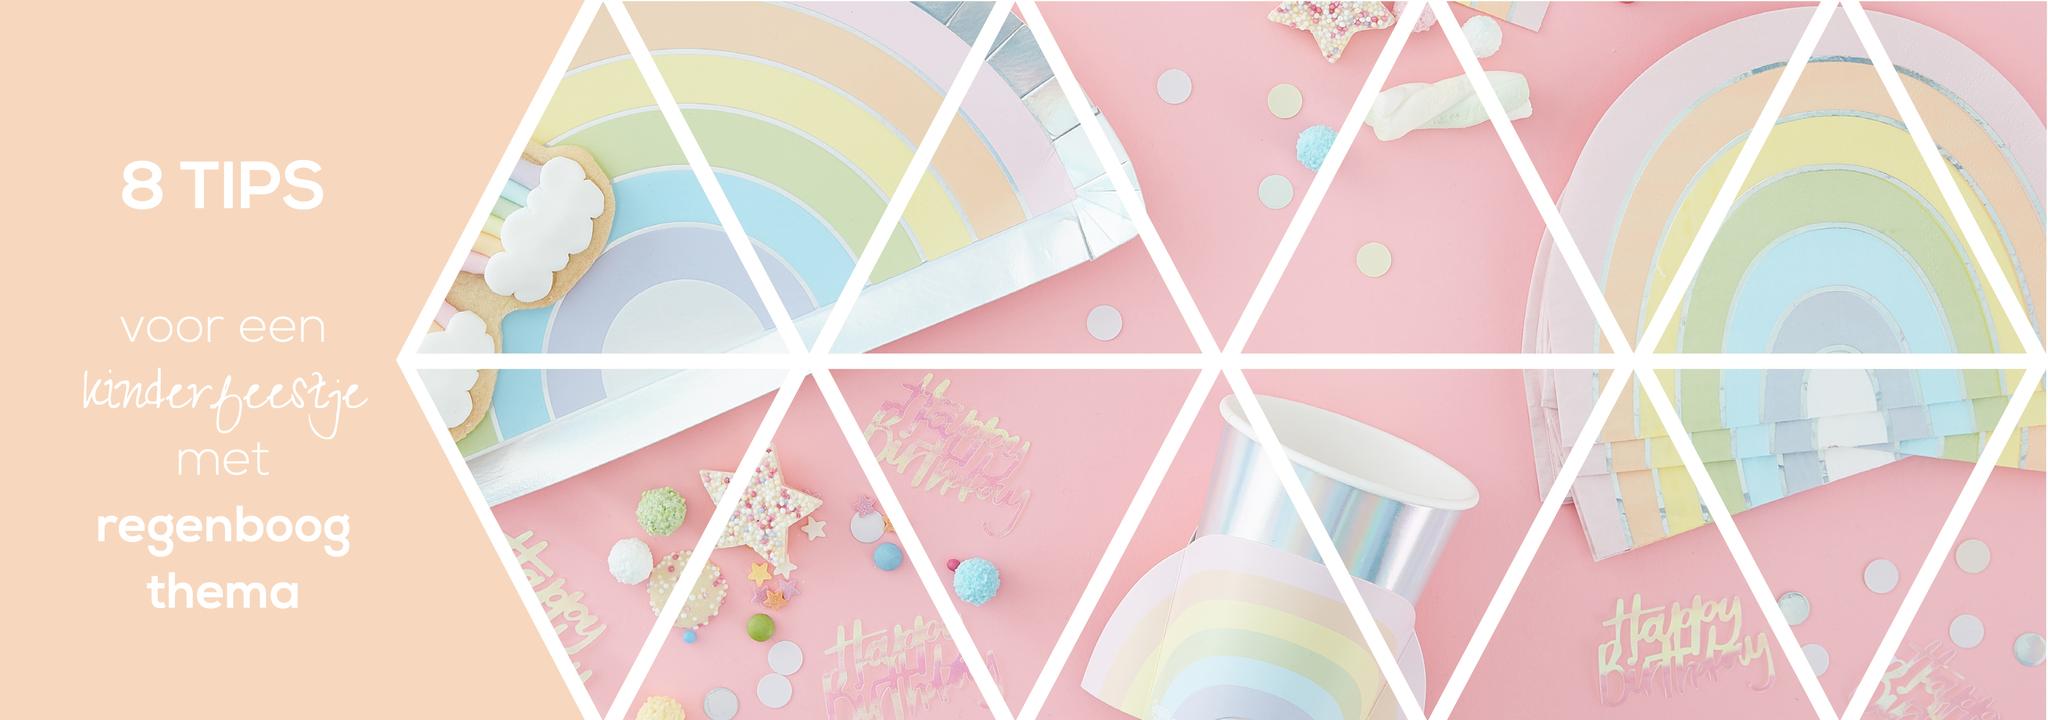 8 tips voor een kinderfeestje met regenboog thema